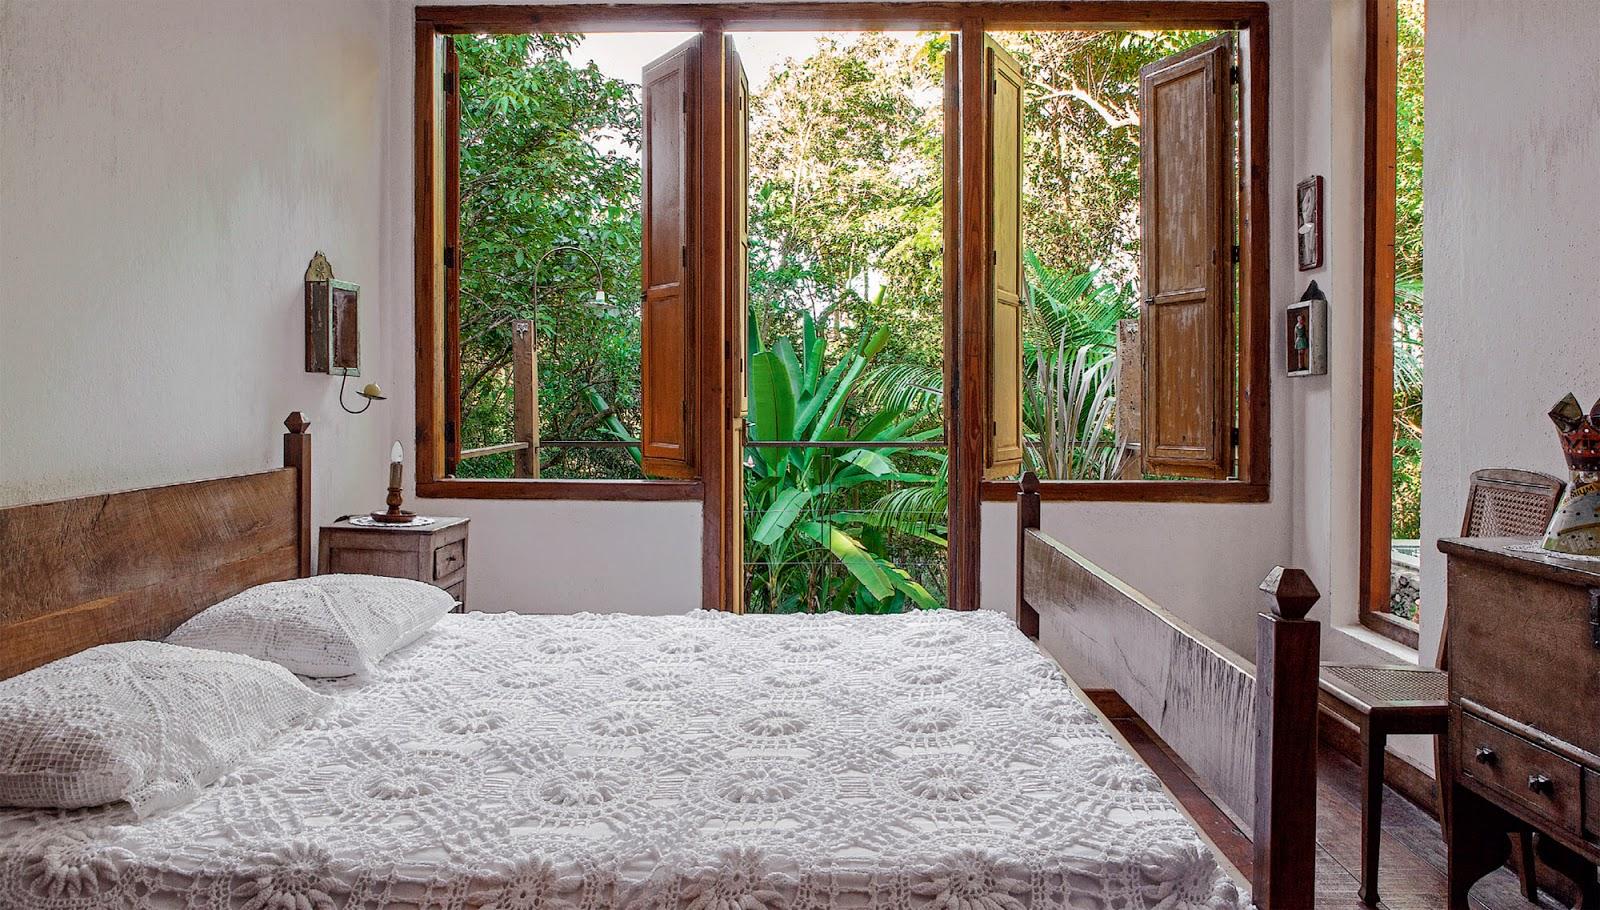 Evite os desníveis no apartamento como pequenos degraus mas se for  #69402E 1600x910 Assento Banheiro Idoso